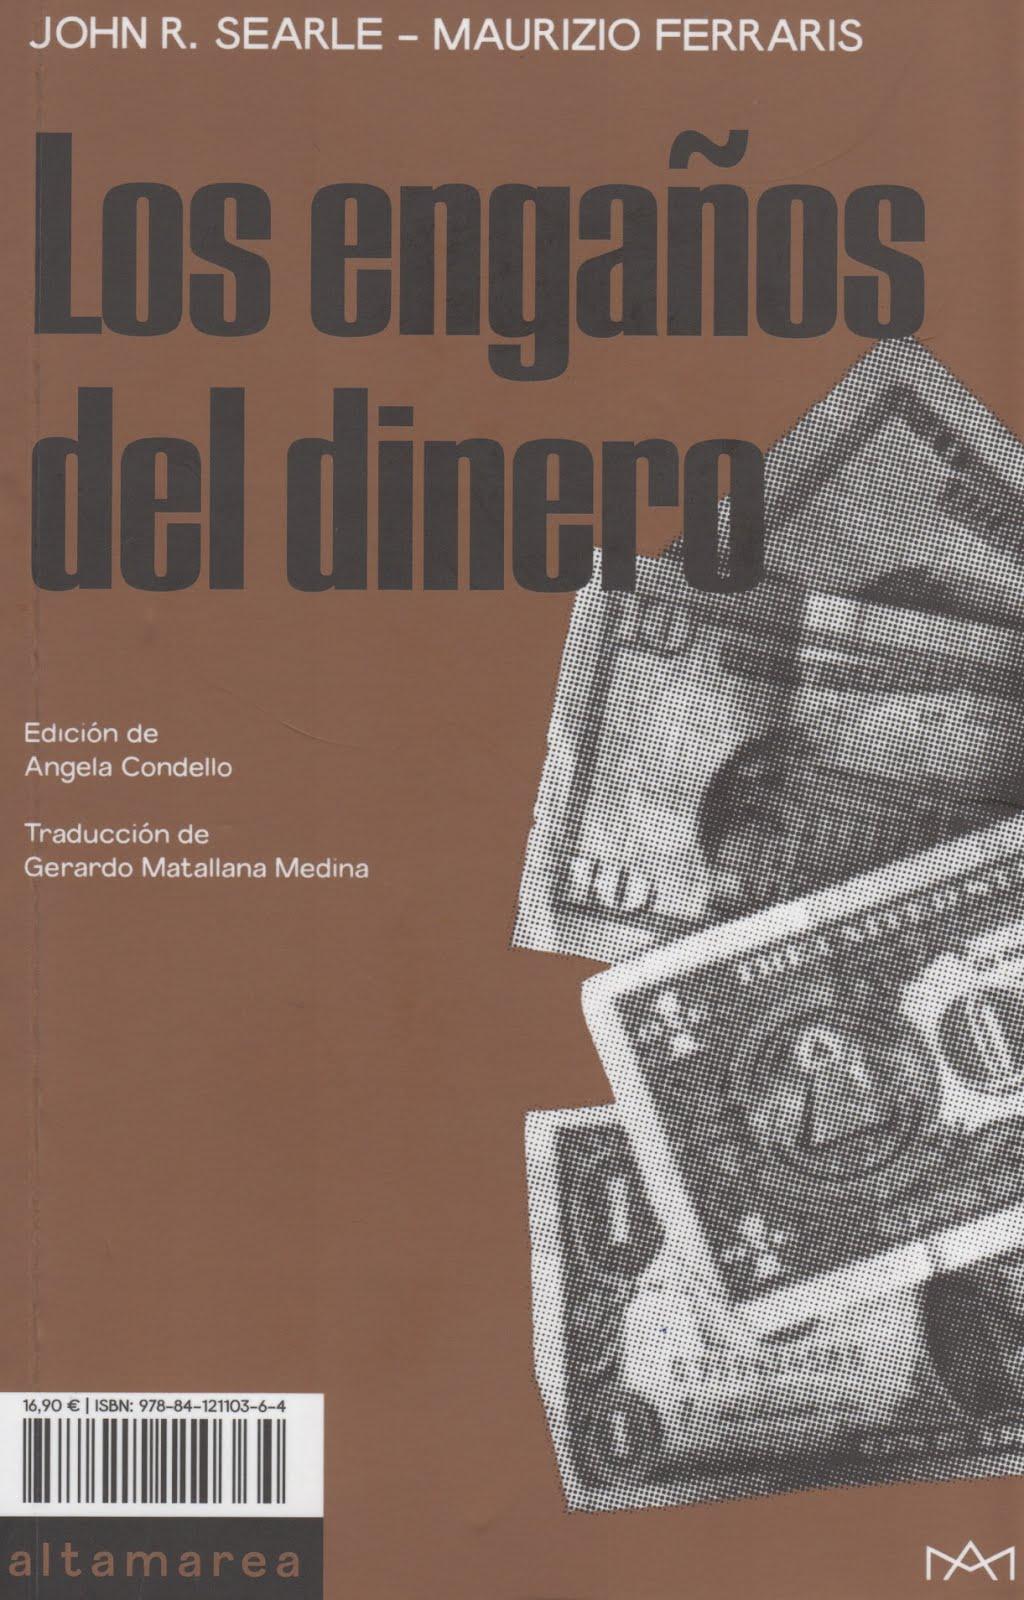 John R. Searle - Maurizio Ferraris (Los engaños del dinero)